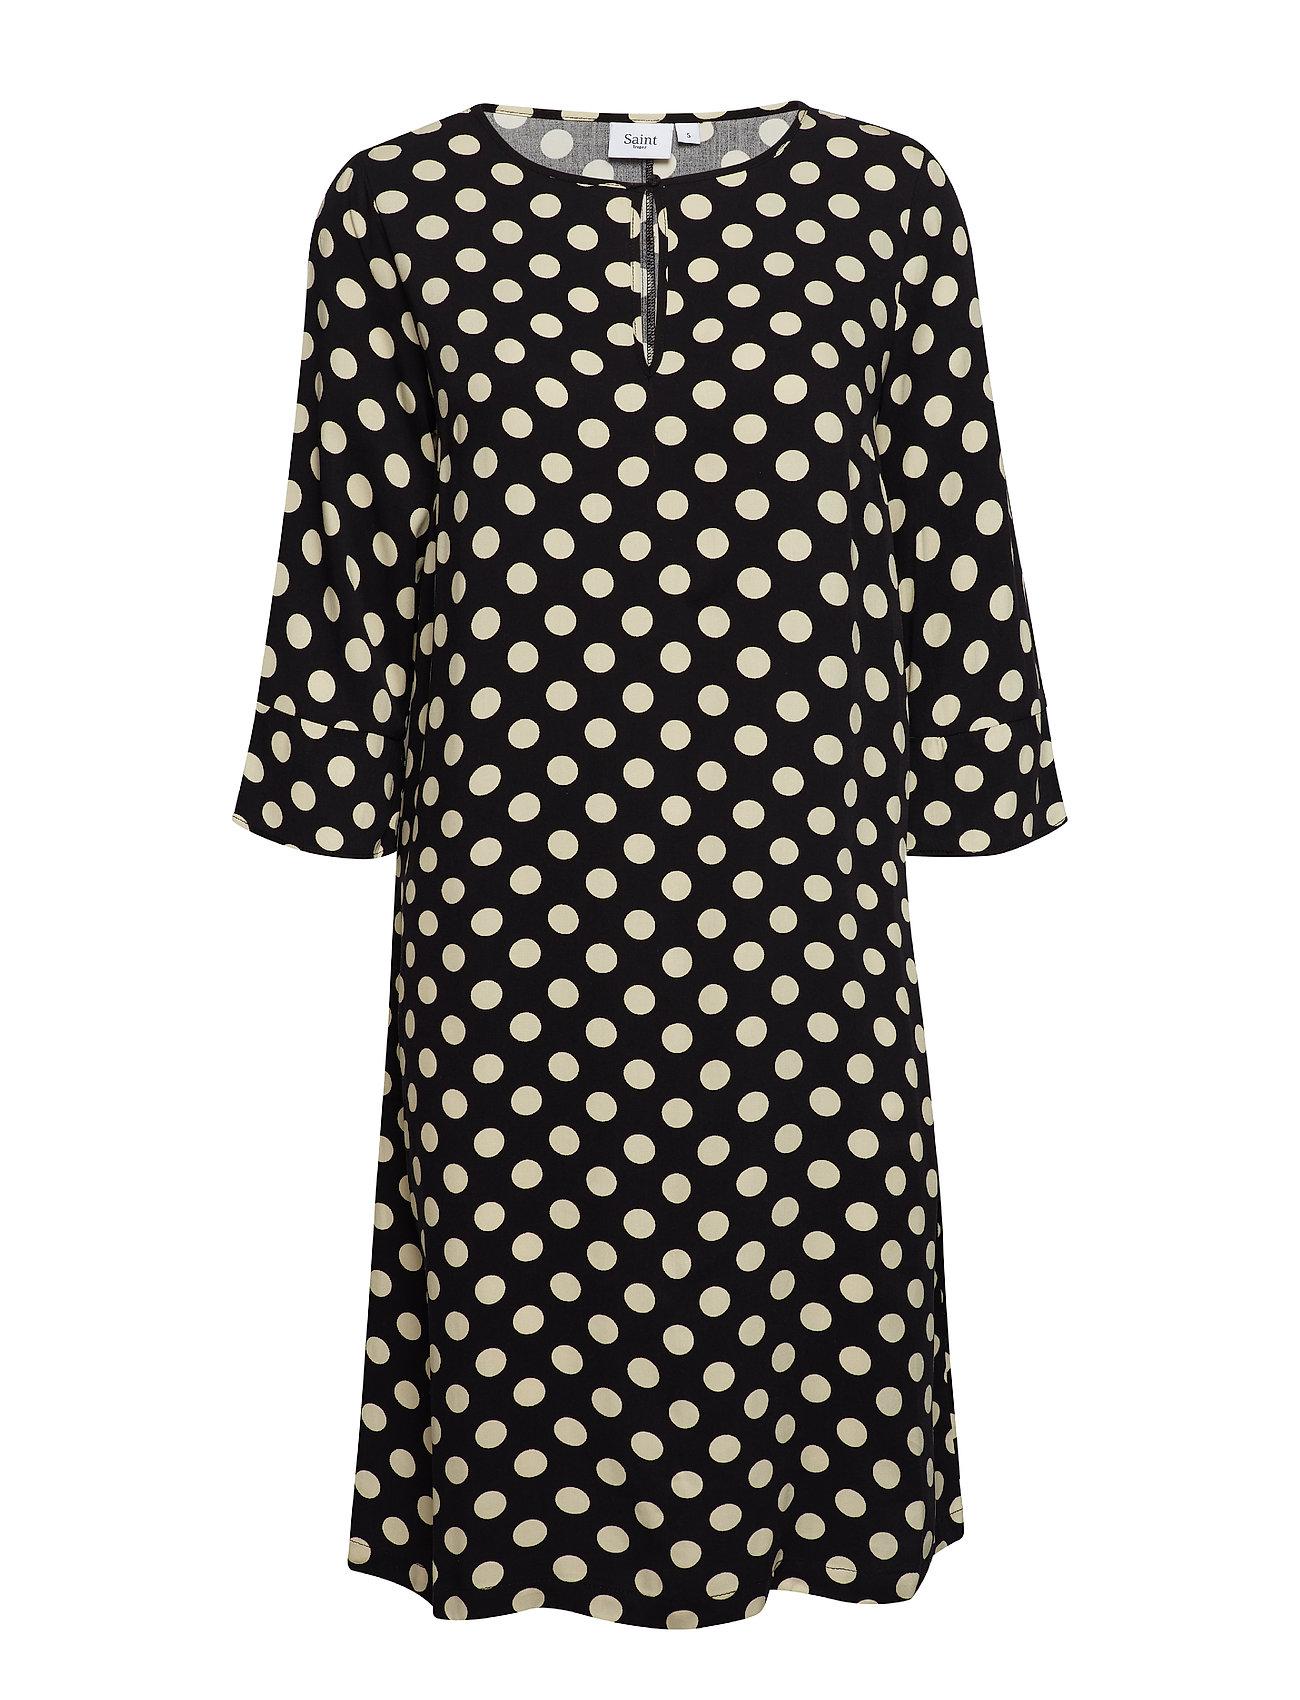 Image of Mega Dot P Dress (3133210831)